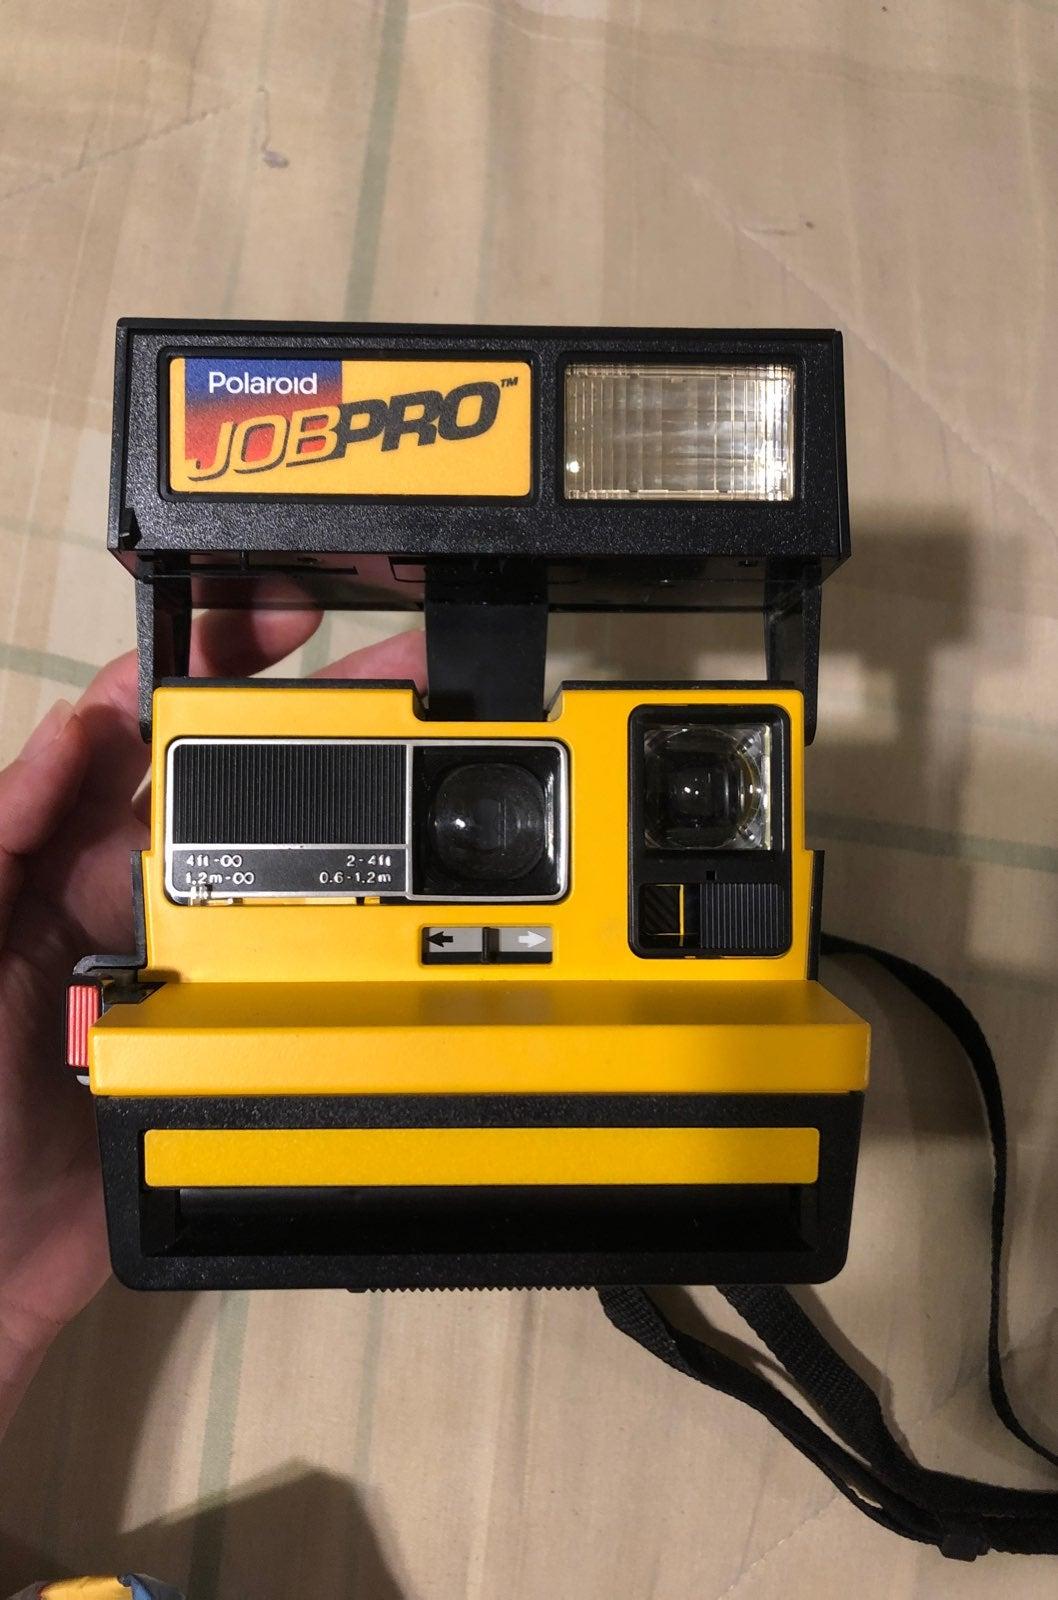 Polaroid job pro